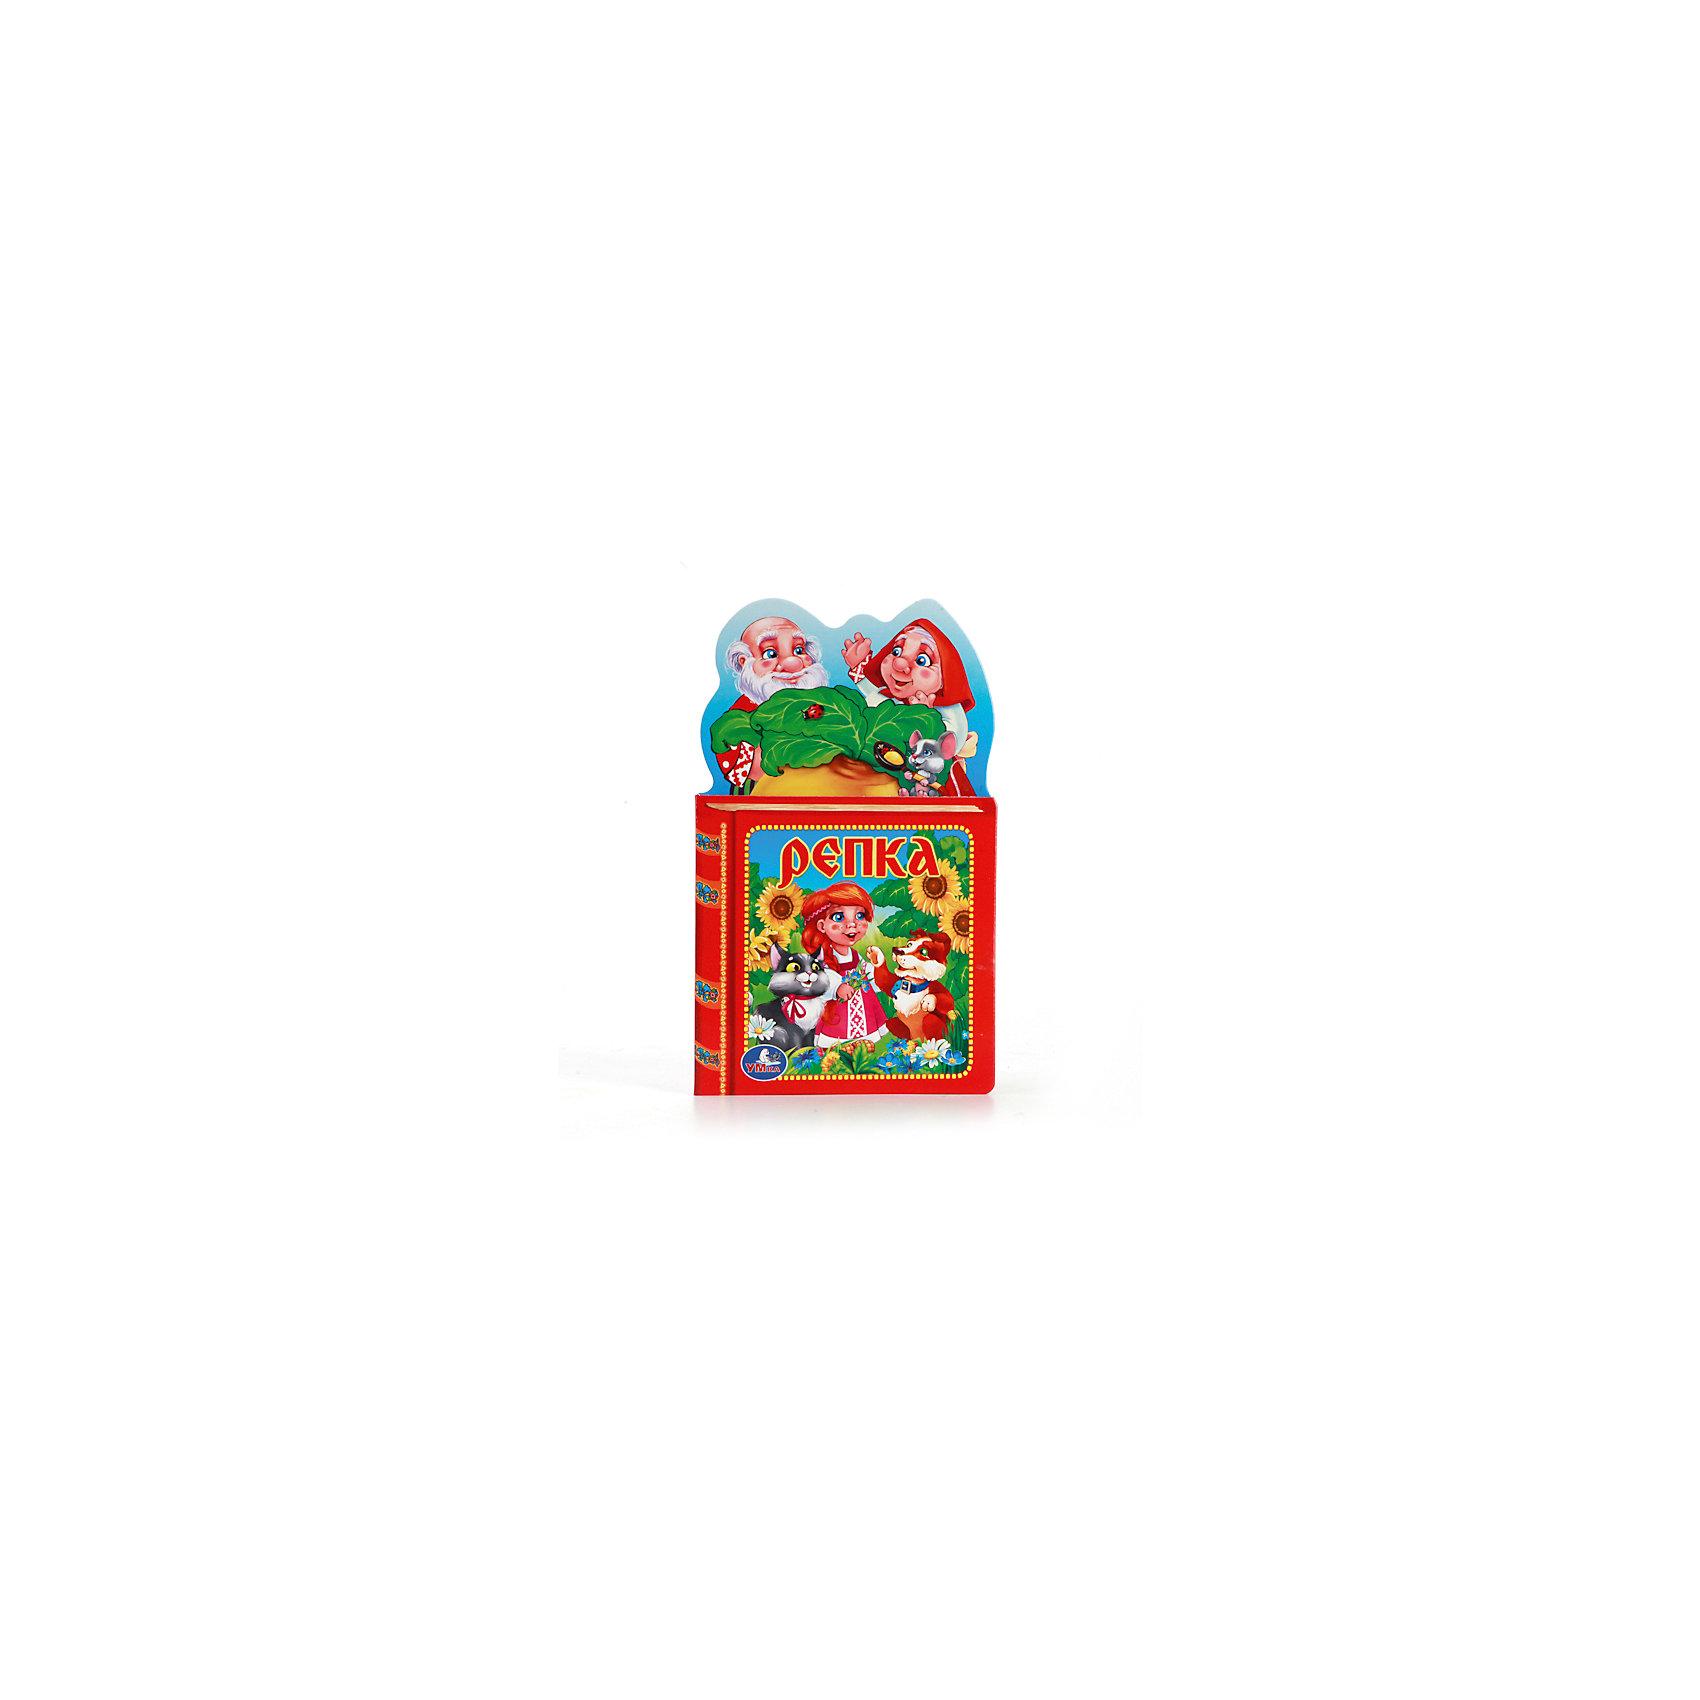 Книжка с вырубкой РепкаПервые книги малыша<br>Характеристики товара:<br><br>• размер: 21x13 см<br>• материал: картон, бумага<br>• страниц: 10<br>• возраст: 0+<br>• обложка: твердая<br>• цветные иллюстрации<br>• страна бренда: РФ<br>• страна изготовитель: РФ<br><br>Сказки не только развлекают малышей, они помогают учиться и познавать мир! Такая книжка станет отличным подарком ребенку и родителям - ведь с помощью неё можно учиться добру и рассматривать картинки. Формат - очень удобный, качество печати - отличное! Книжка дополнена яркими картинками. Книжки с вырубкой особенно нравятся малышам.<br>Чтение даже в юном возрасте помогает детям развивать важные навыки и способности, оно активизирует мышление, формирует усидчивость, логику и воображение. Изделие производится из качественных и проверенных материалов, которые безопасны для детей.<br><br>Книжку с вырубкой Репка от бренда Умка можно купить в нашем интернет-магазине.<br><br>Ширина мм: 10<br>Глубина мм: 210<br>Высота мм: 130<br>Вес г: 50<br>Возраст от месяцев: 24<br>Возраст до месяцев: 60<br>Пол: Унисекс<br>Возраст: Детский<br>SKU: 5196920